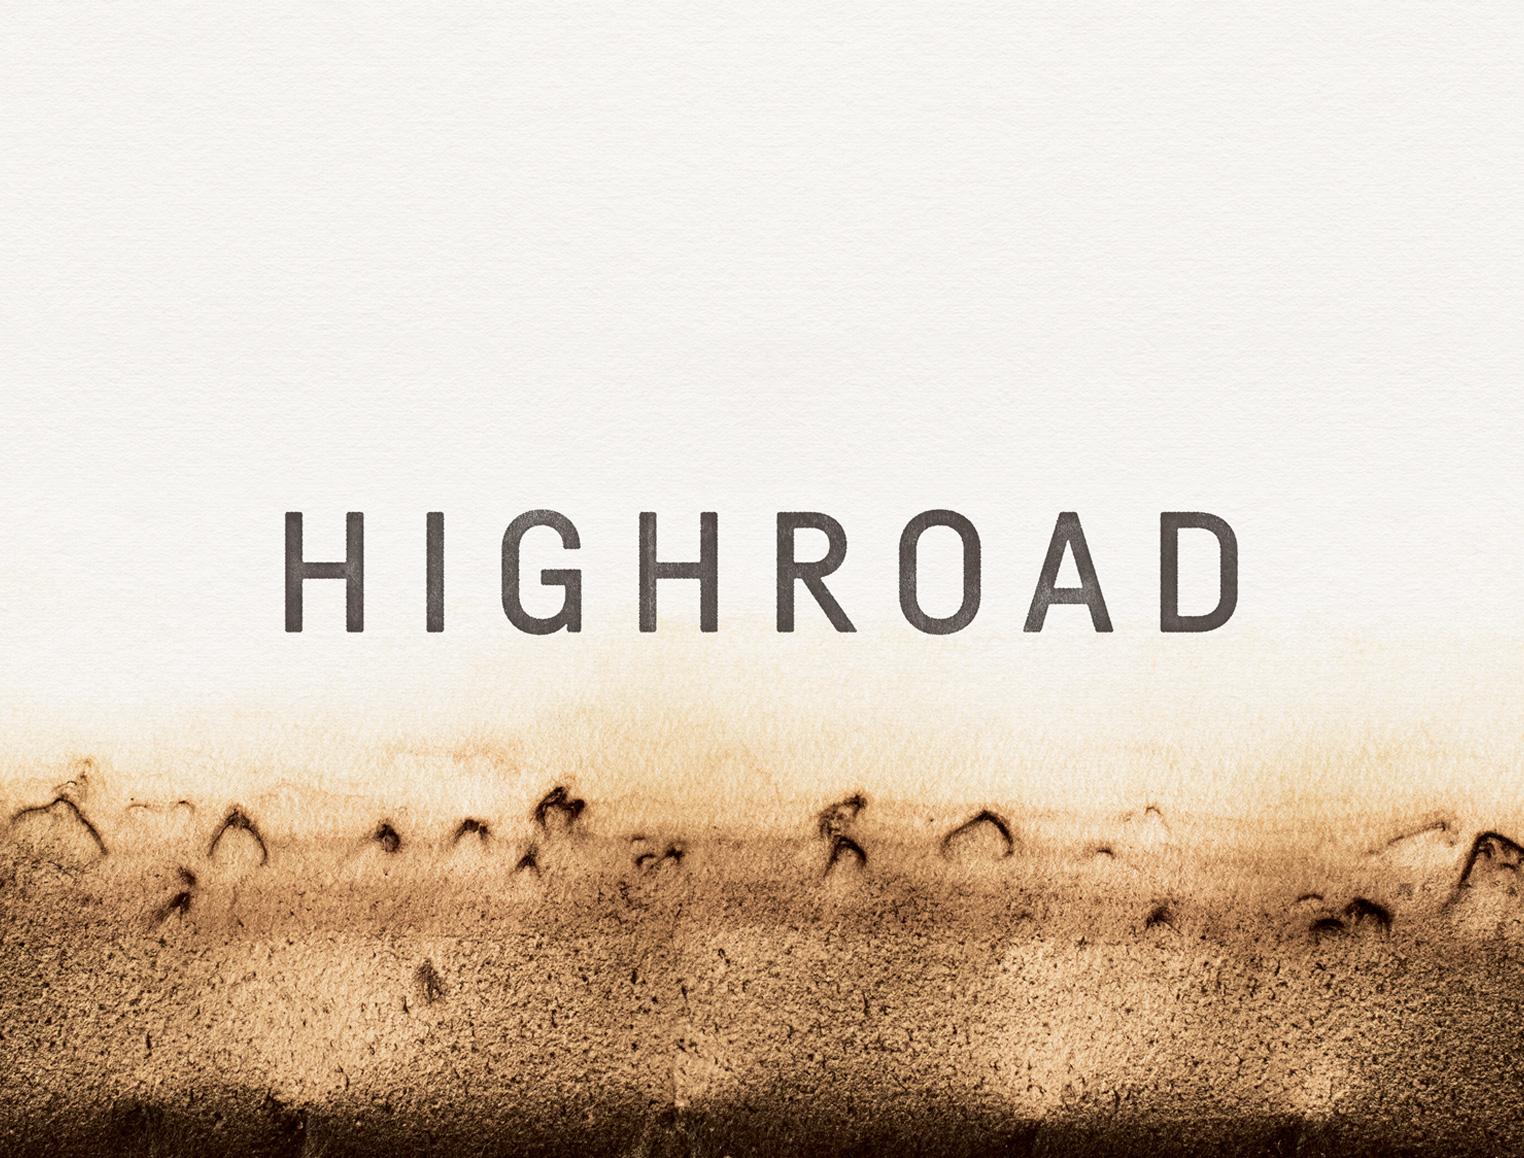 Highroad tile image